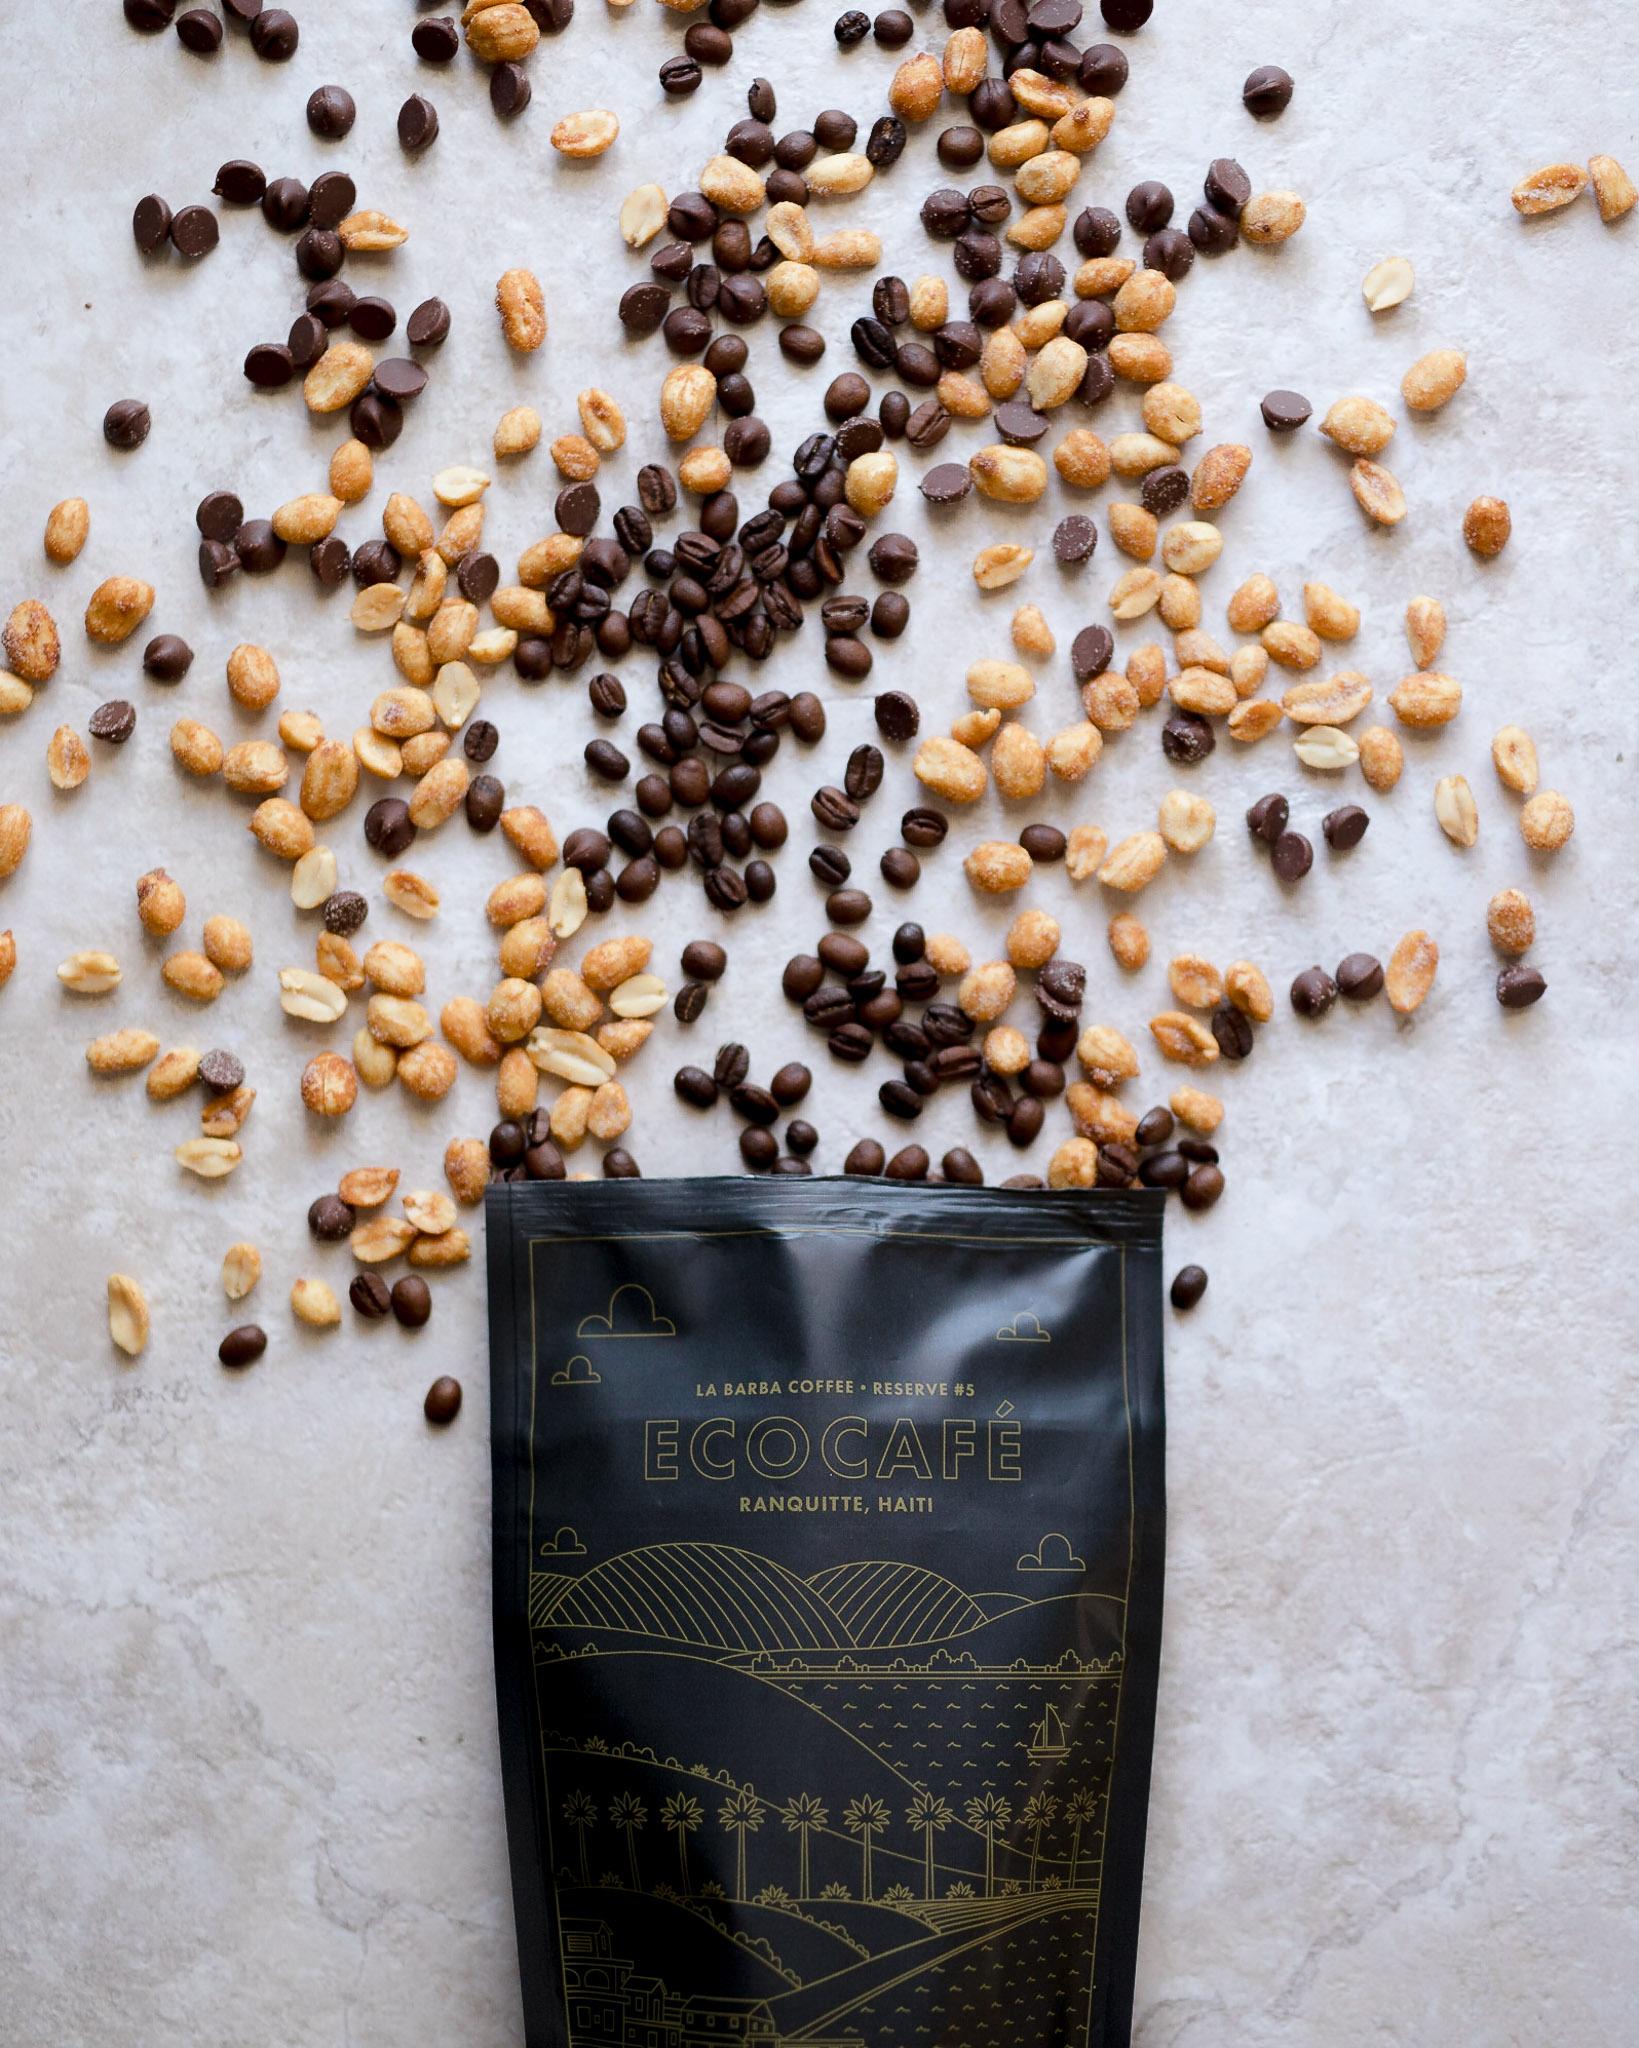 Whole bean coffee from Haiti